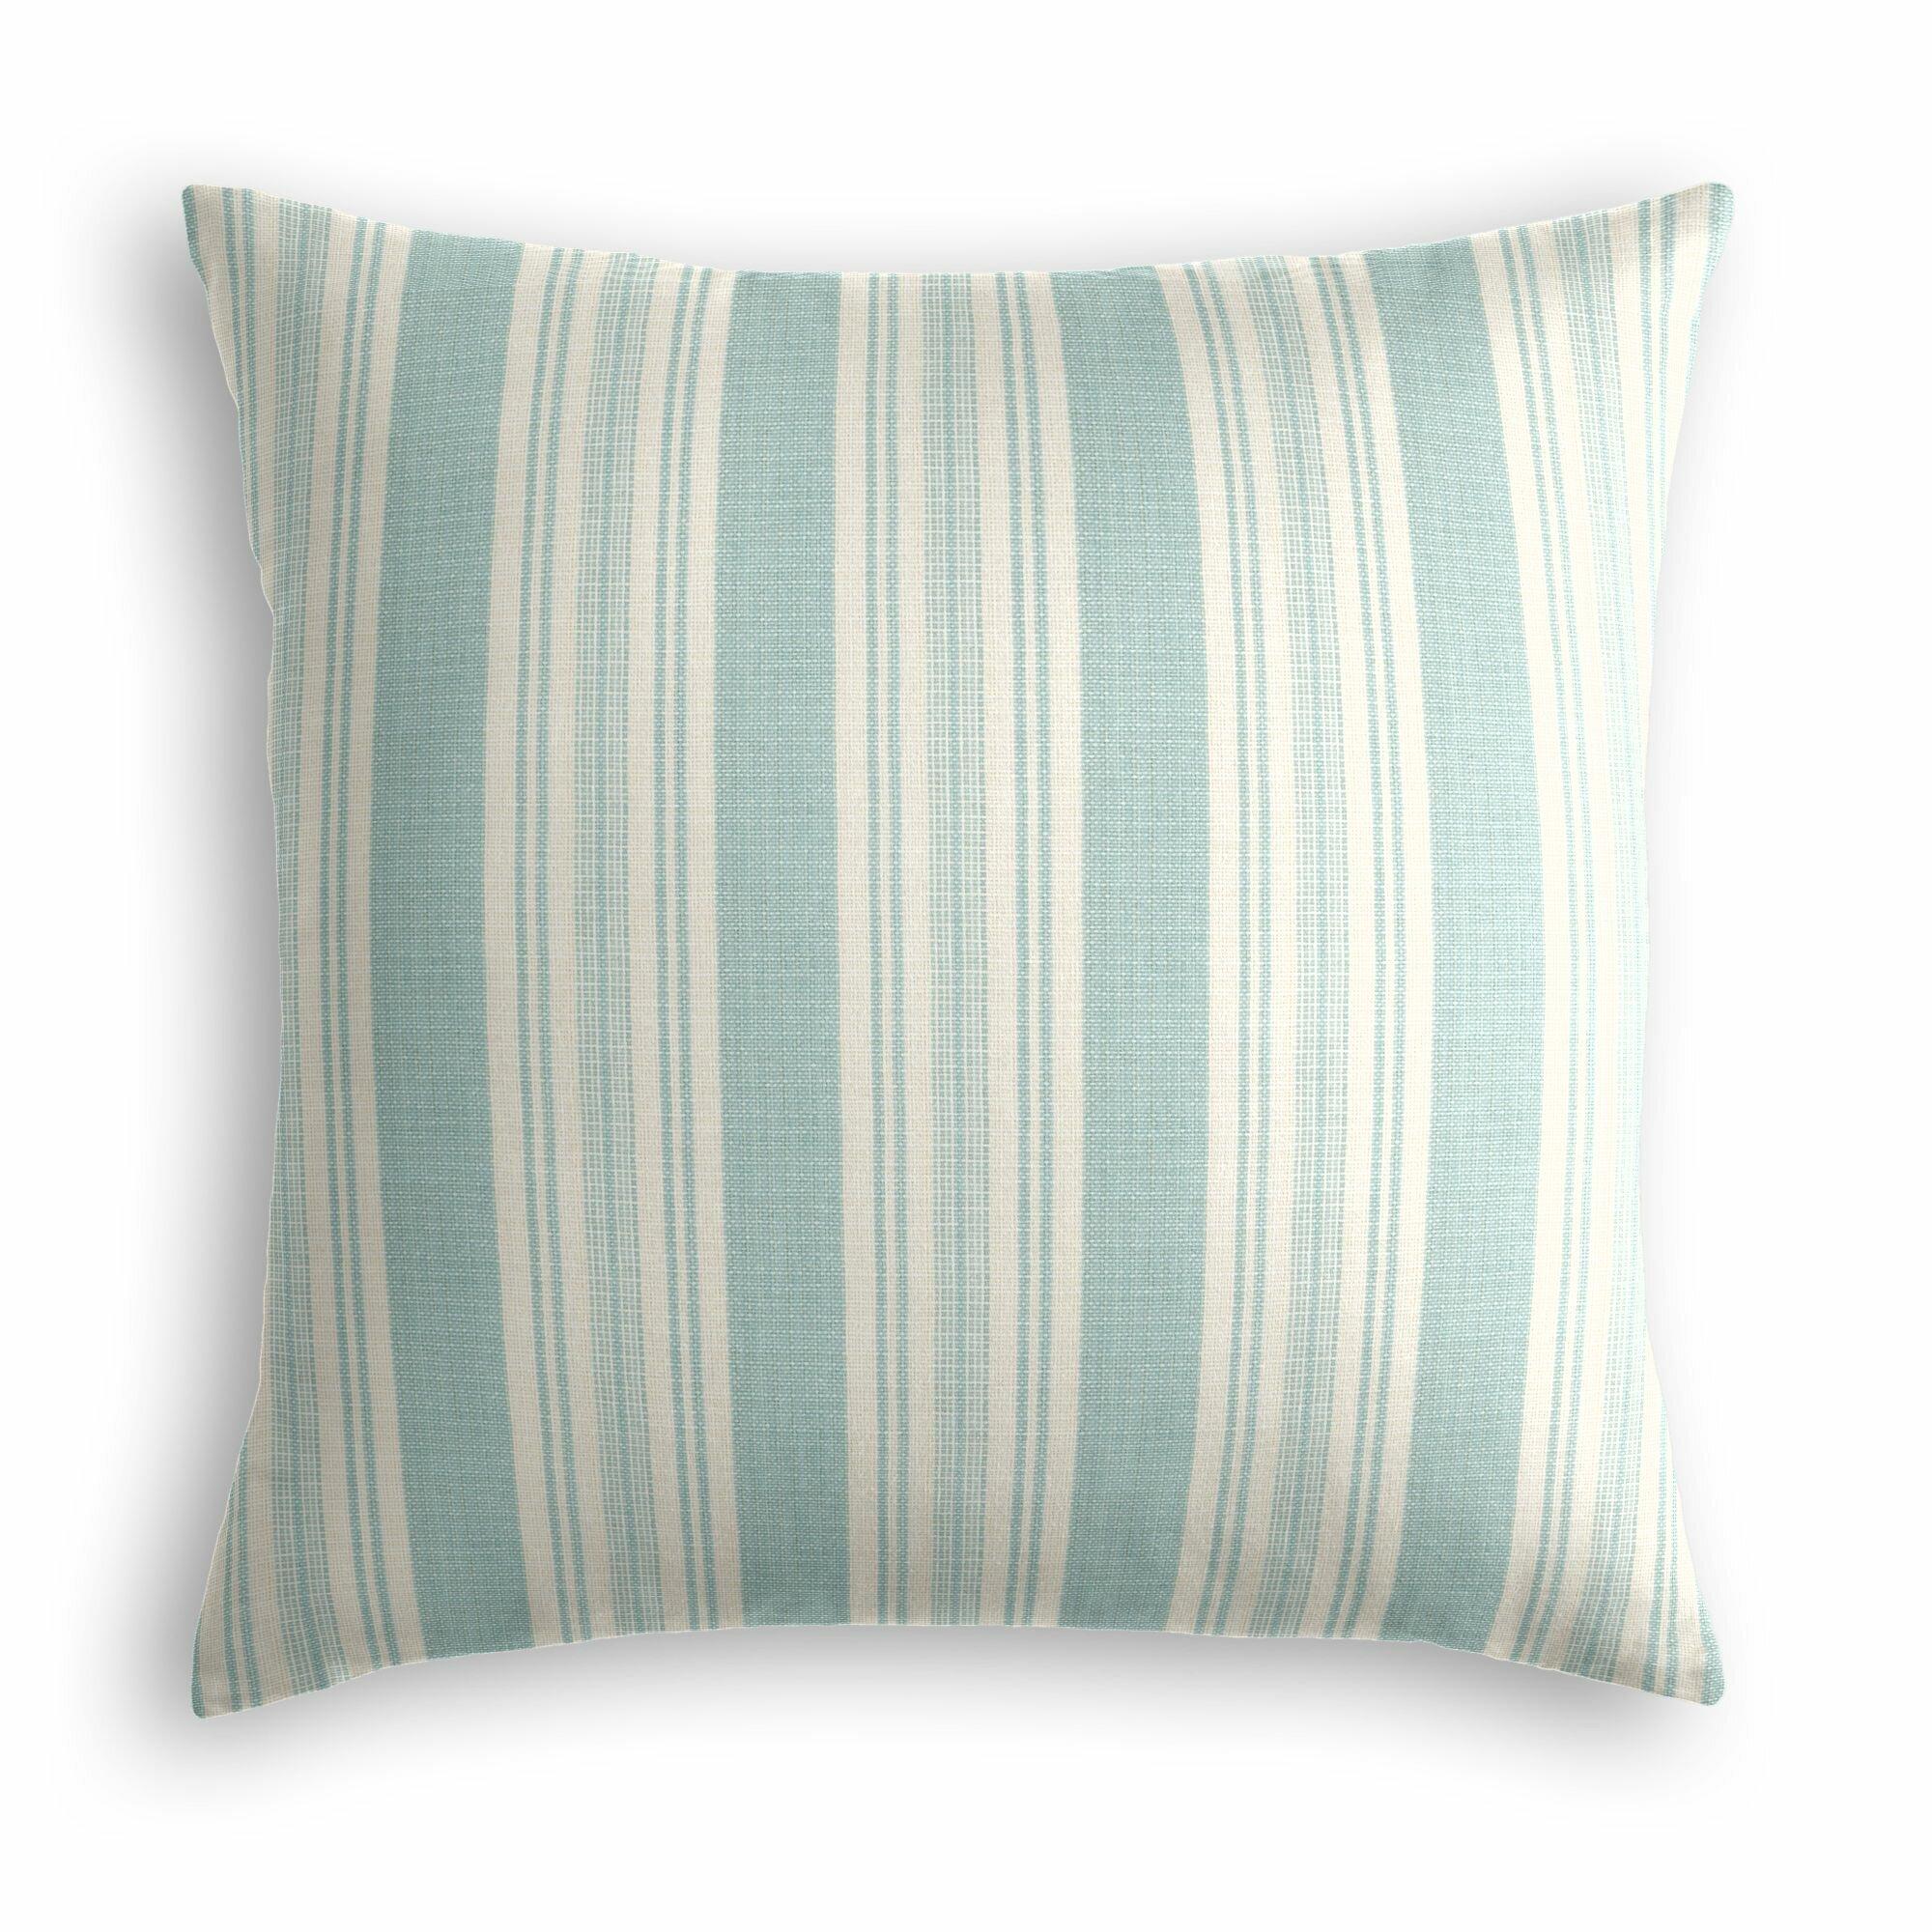 Loom Decor Handwoven Square Cotton Pillow Cover Insert Perigold